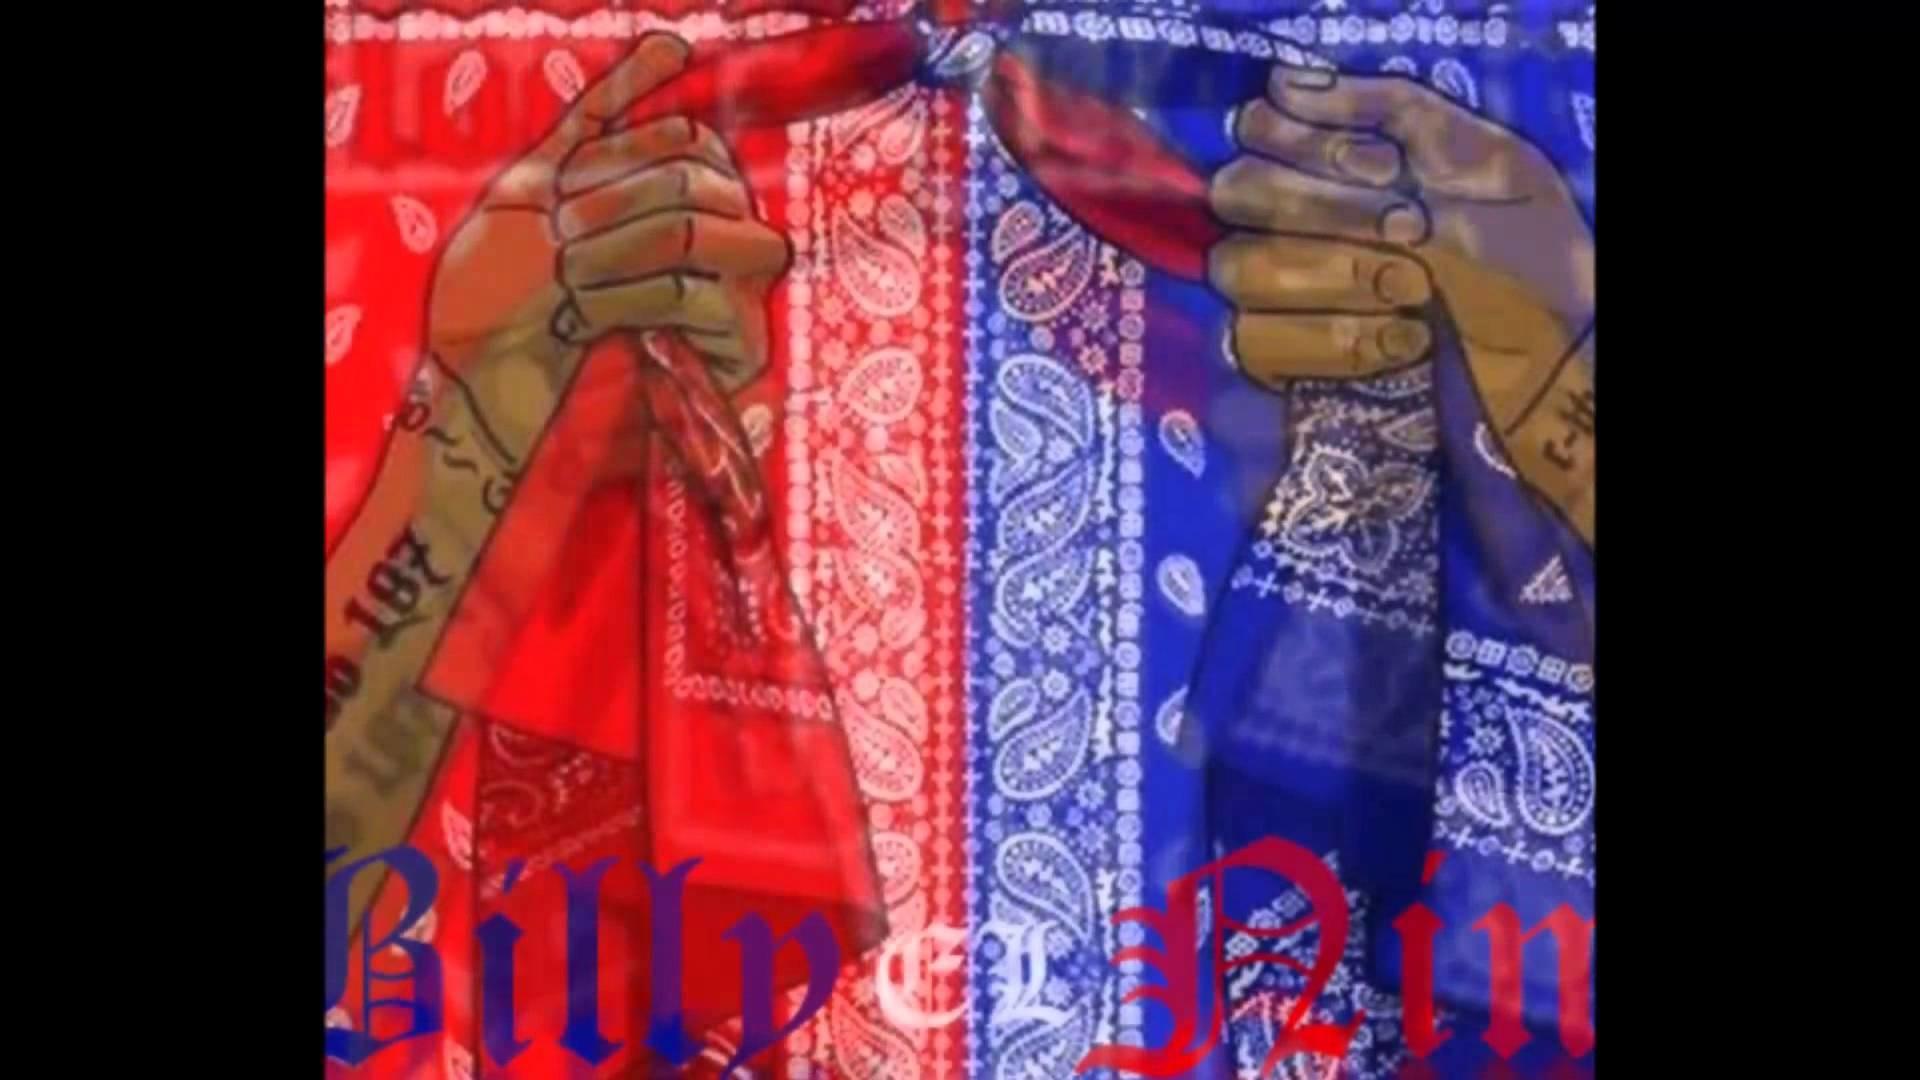 Billy El Nino – Blood N Crips (O.G Mix)